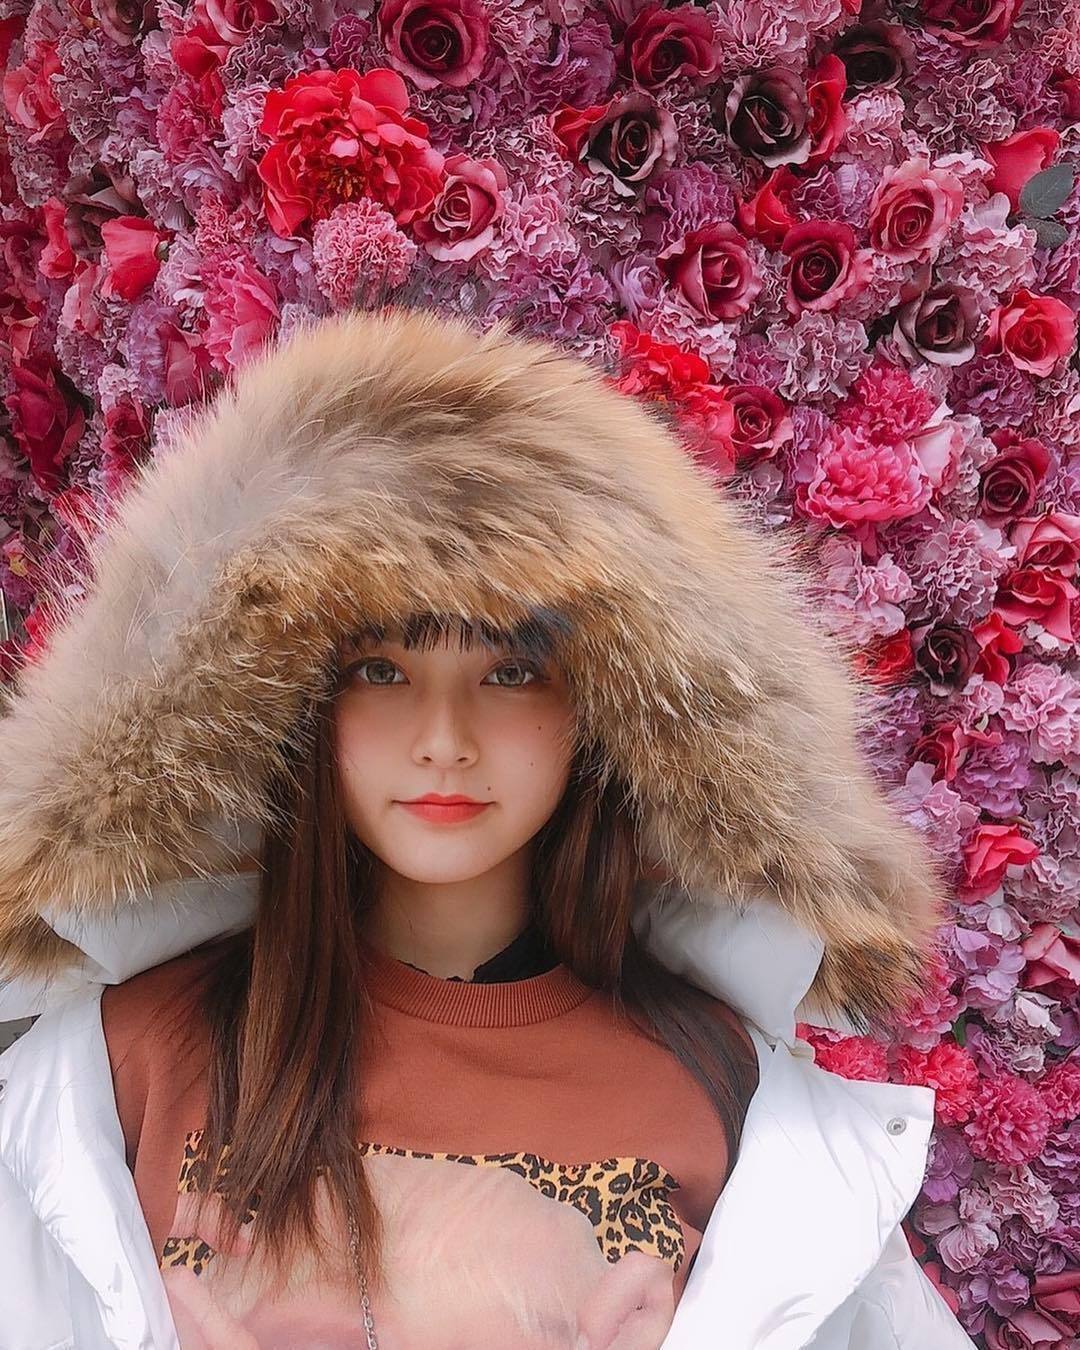 今年刚高中毕业 18 岁美少女樱井音乃身材整个无敌 网络美女 第5张